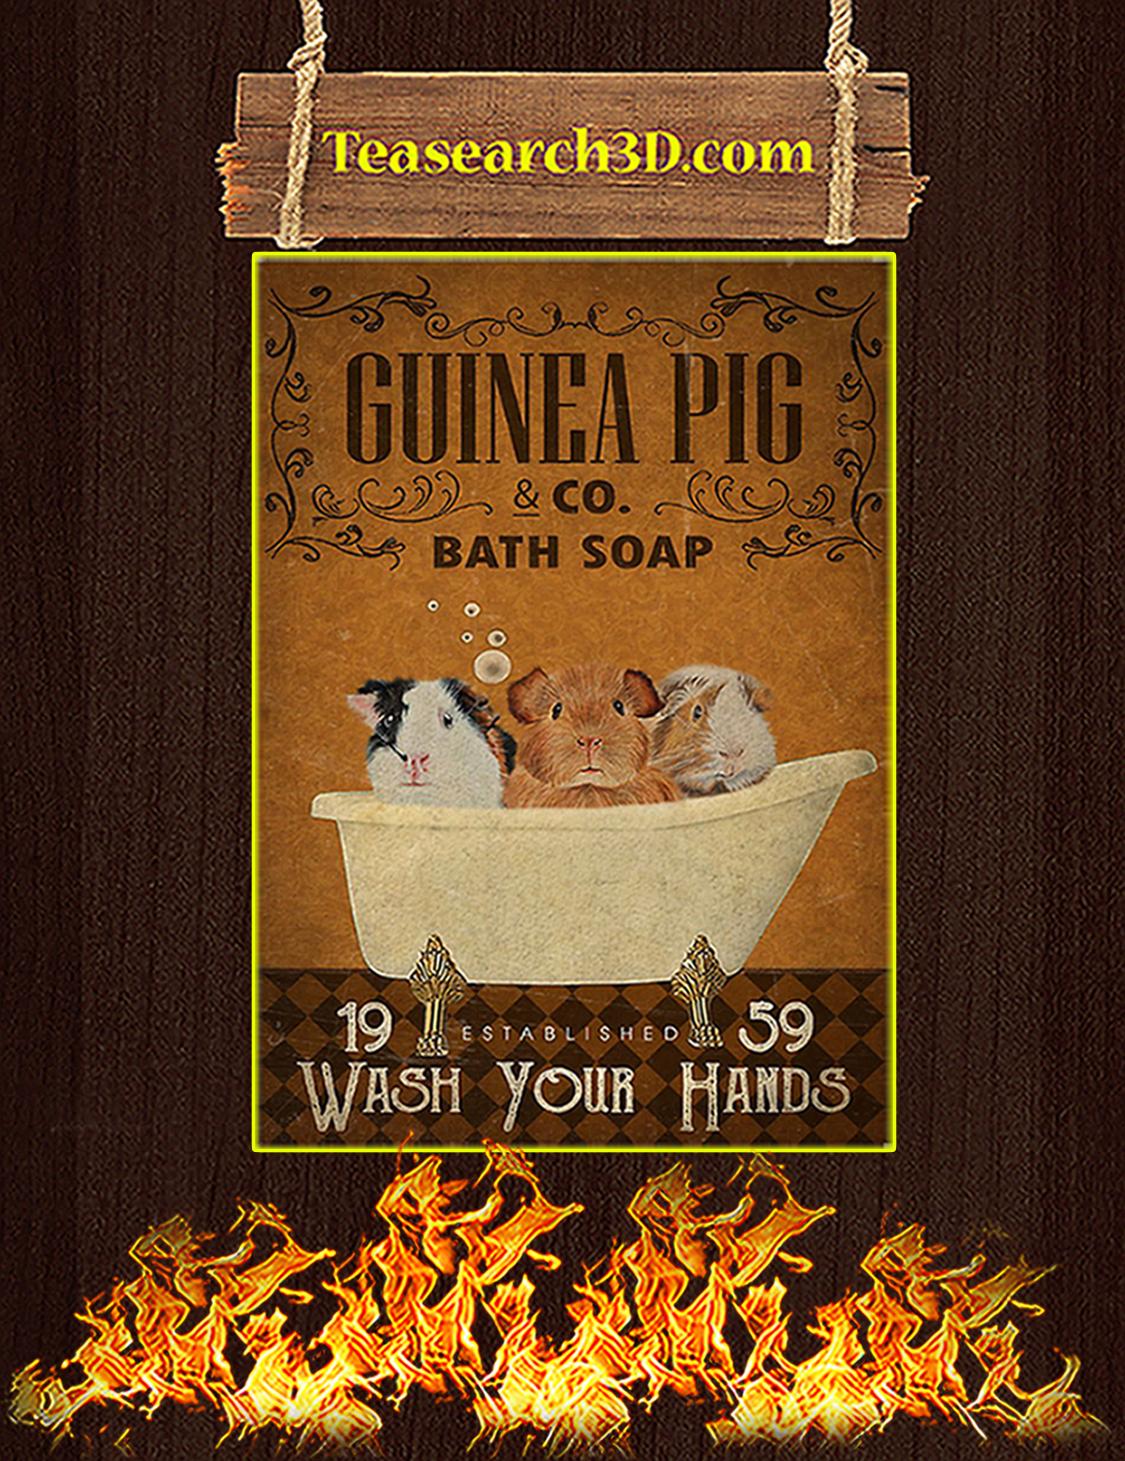 Guinea pig bath soap poster A3